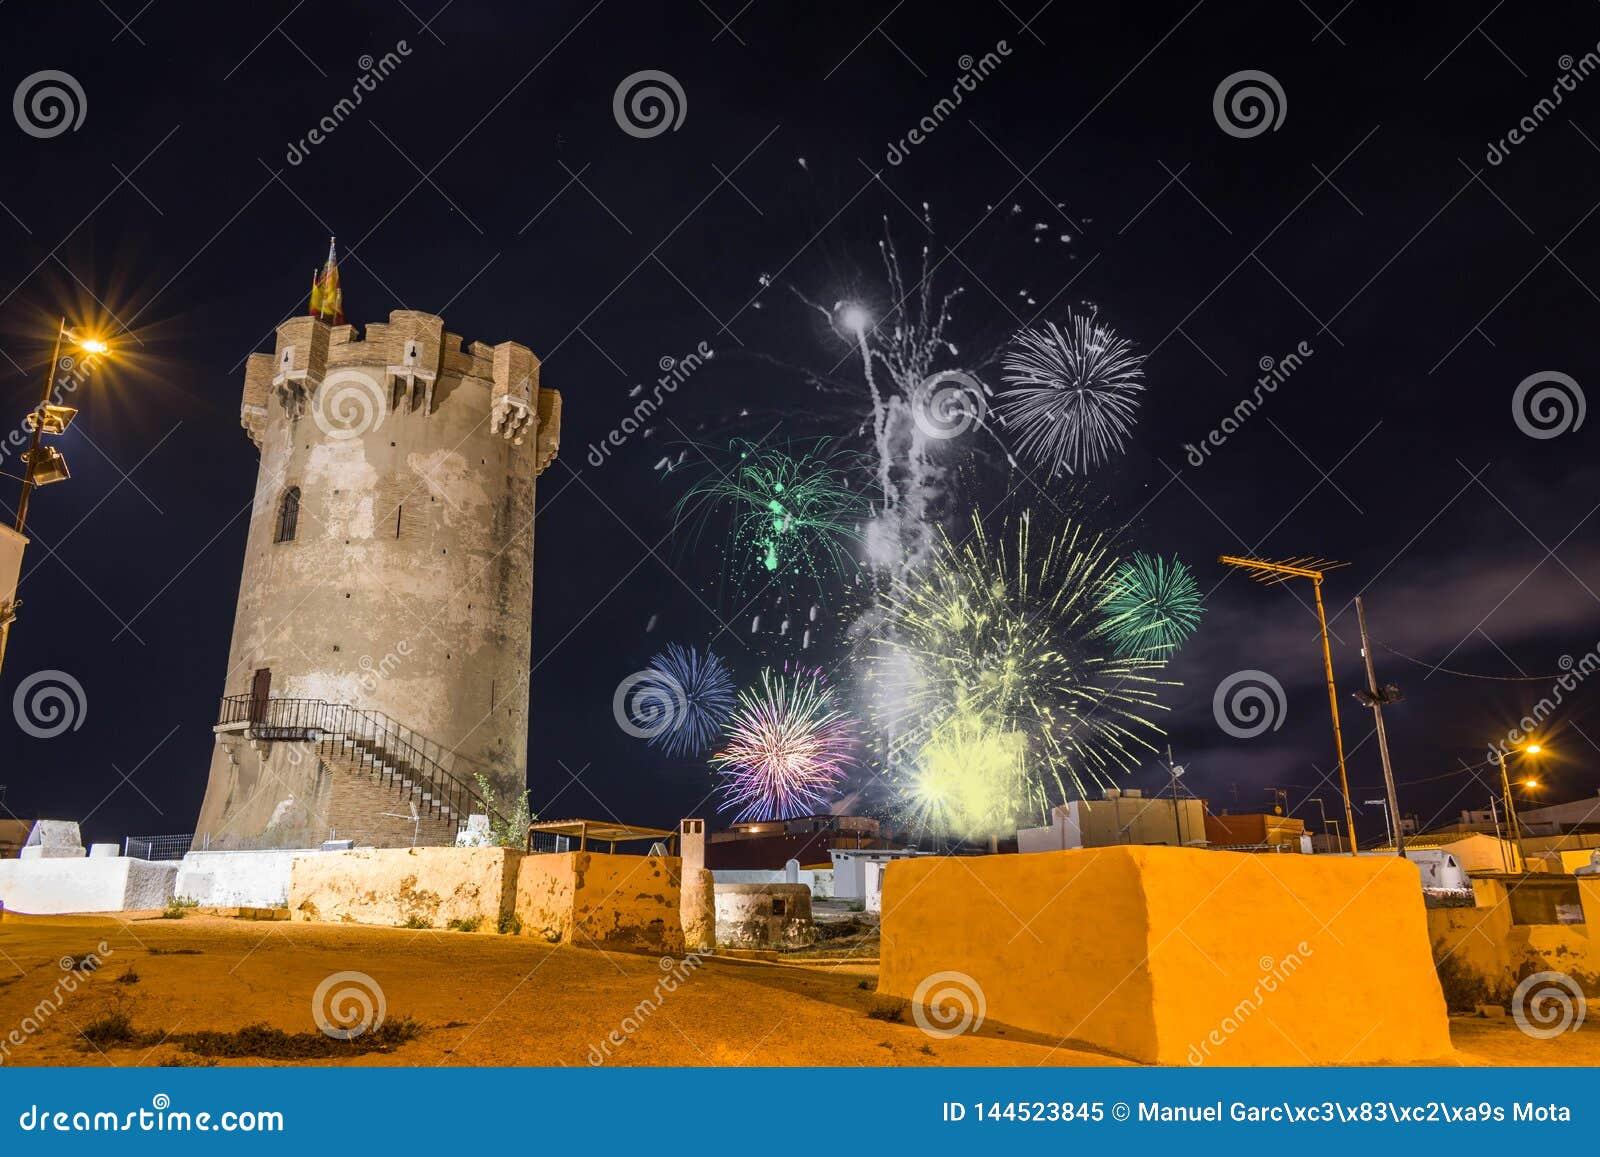 Fuegos artificiales en Paterna